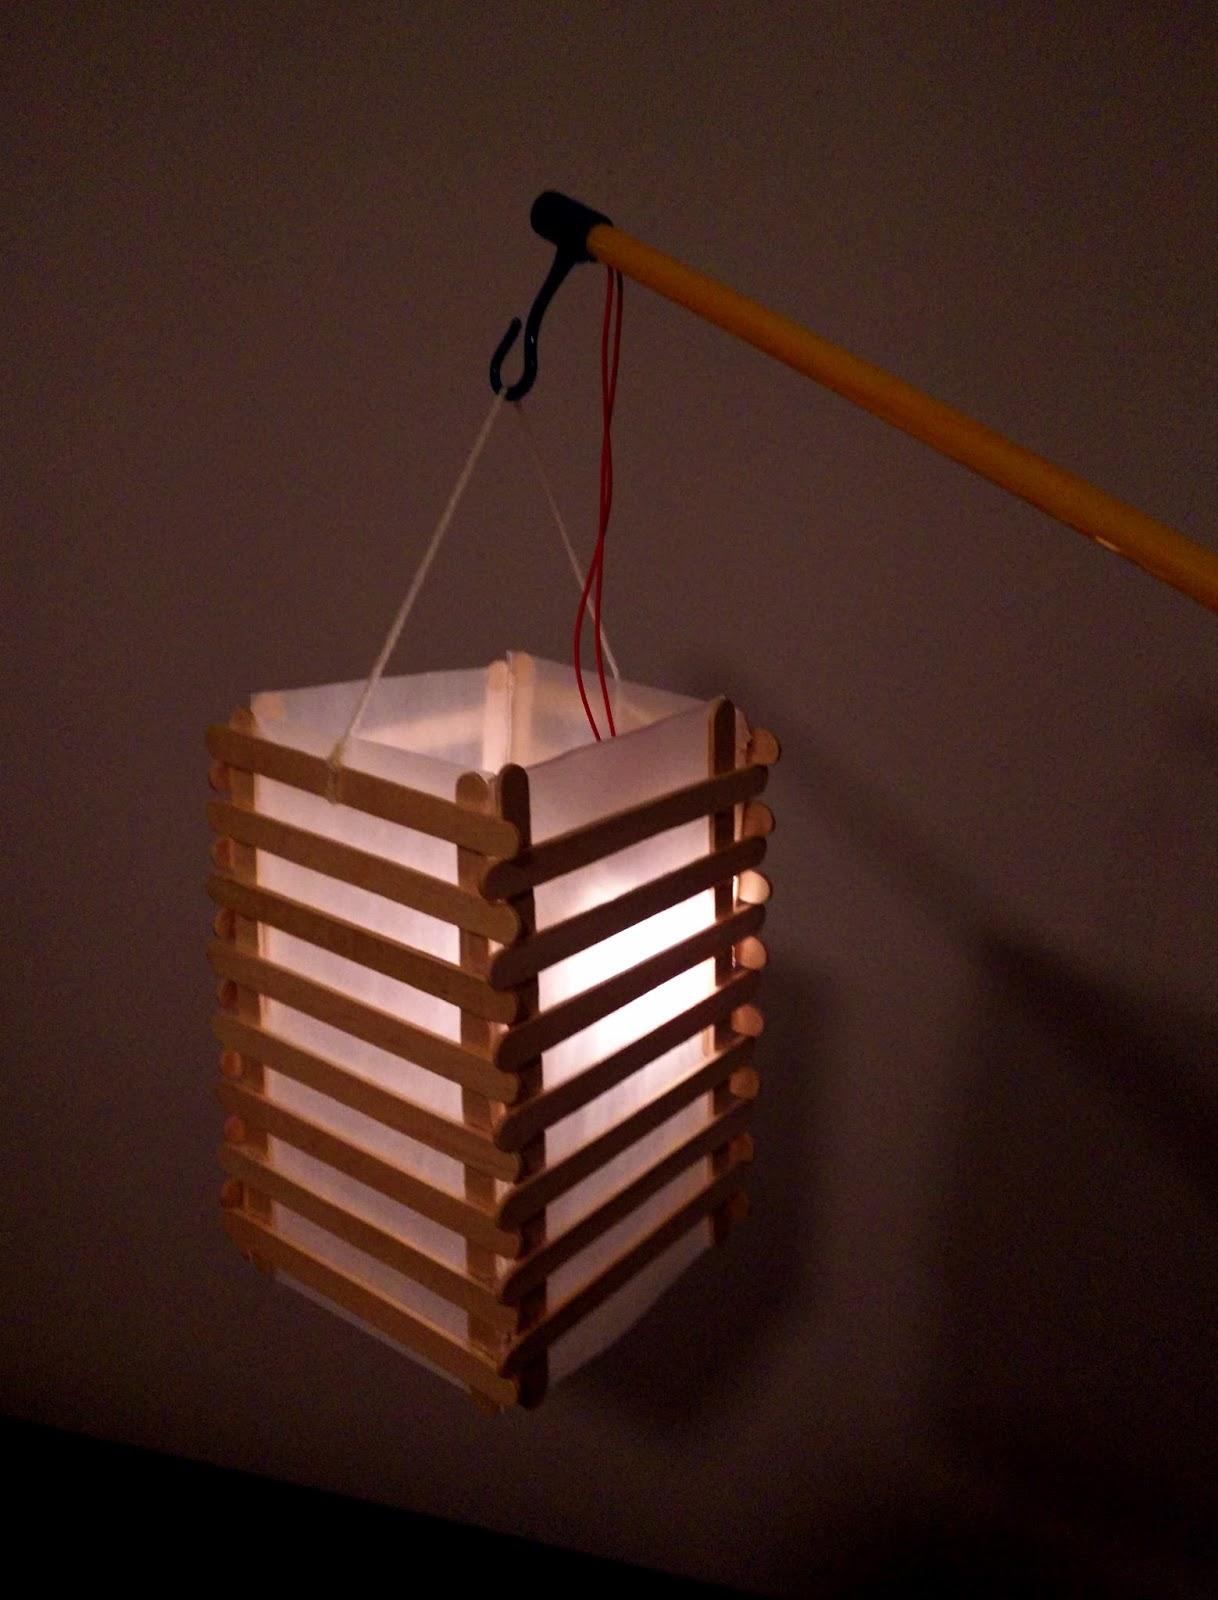 Zeer IJsstokjes lampion knutselen - Duurzaam houten speelgoed #YT32